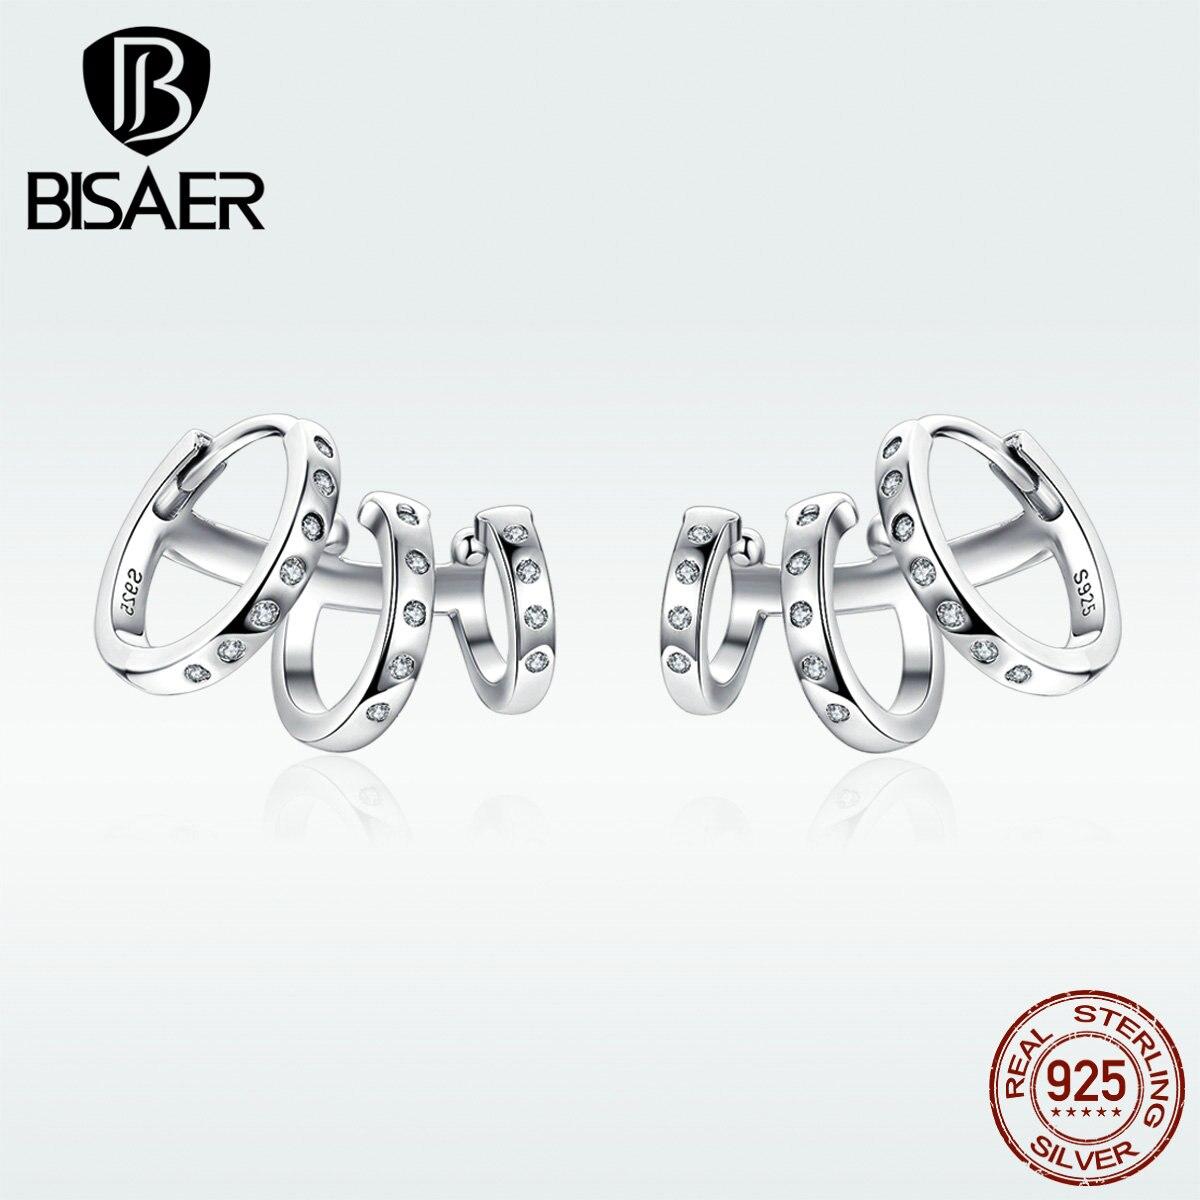 BISAER Punk Earrings 925 Sterling Silver Simple Round Circle Stud Earrings For Women  Punk Statemen't Earrings Wholesales GAE085